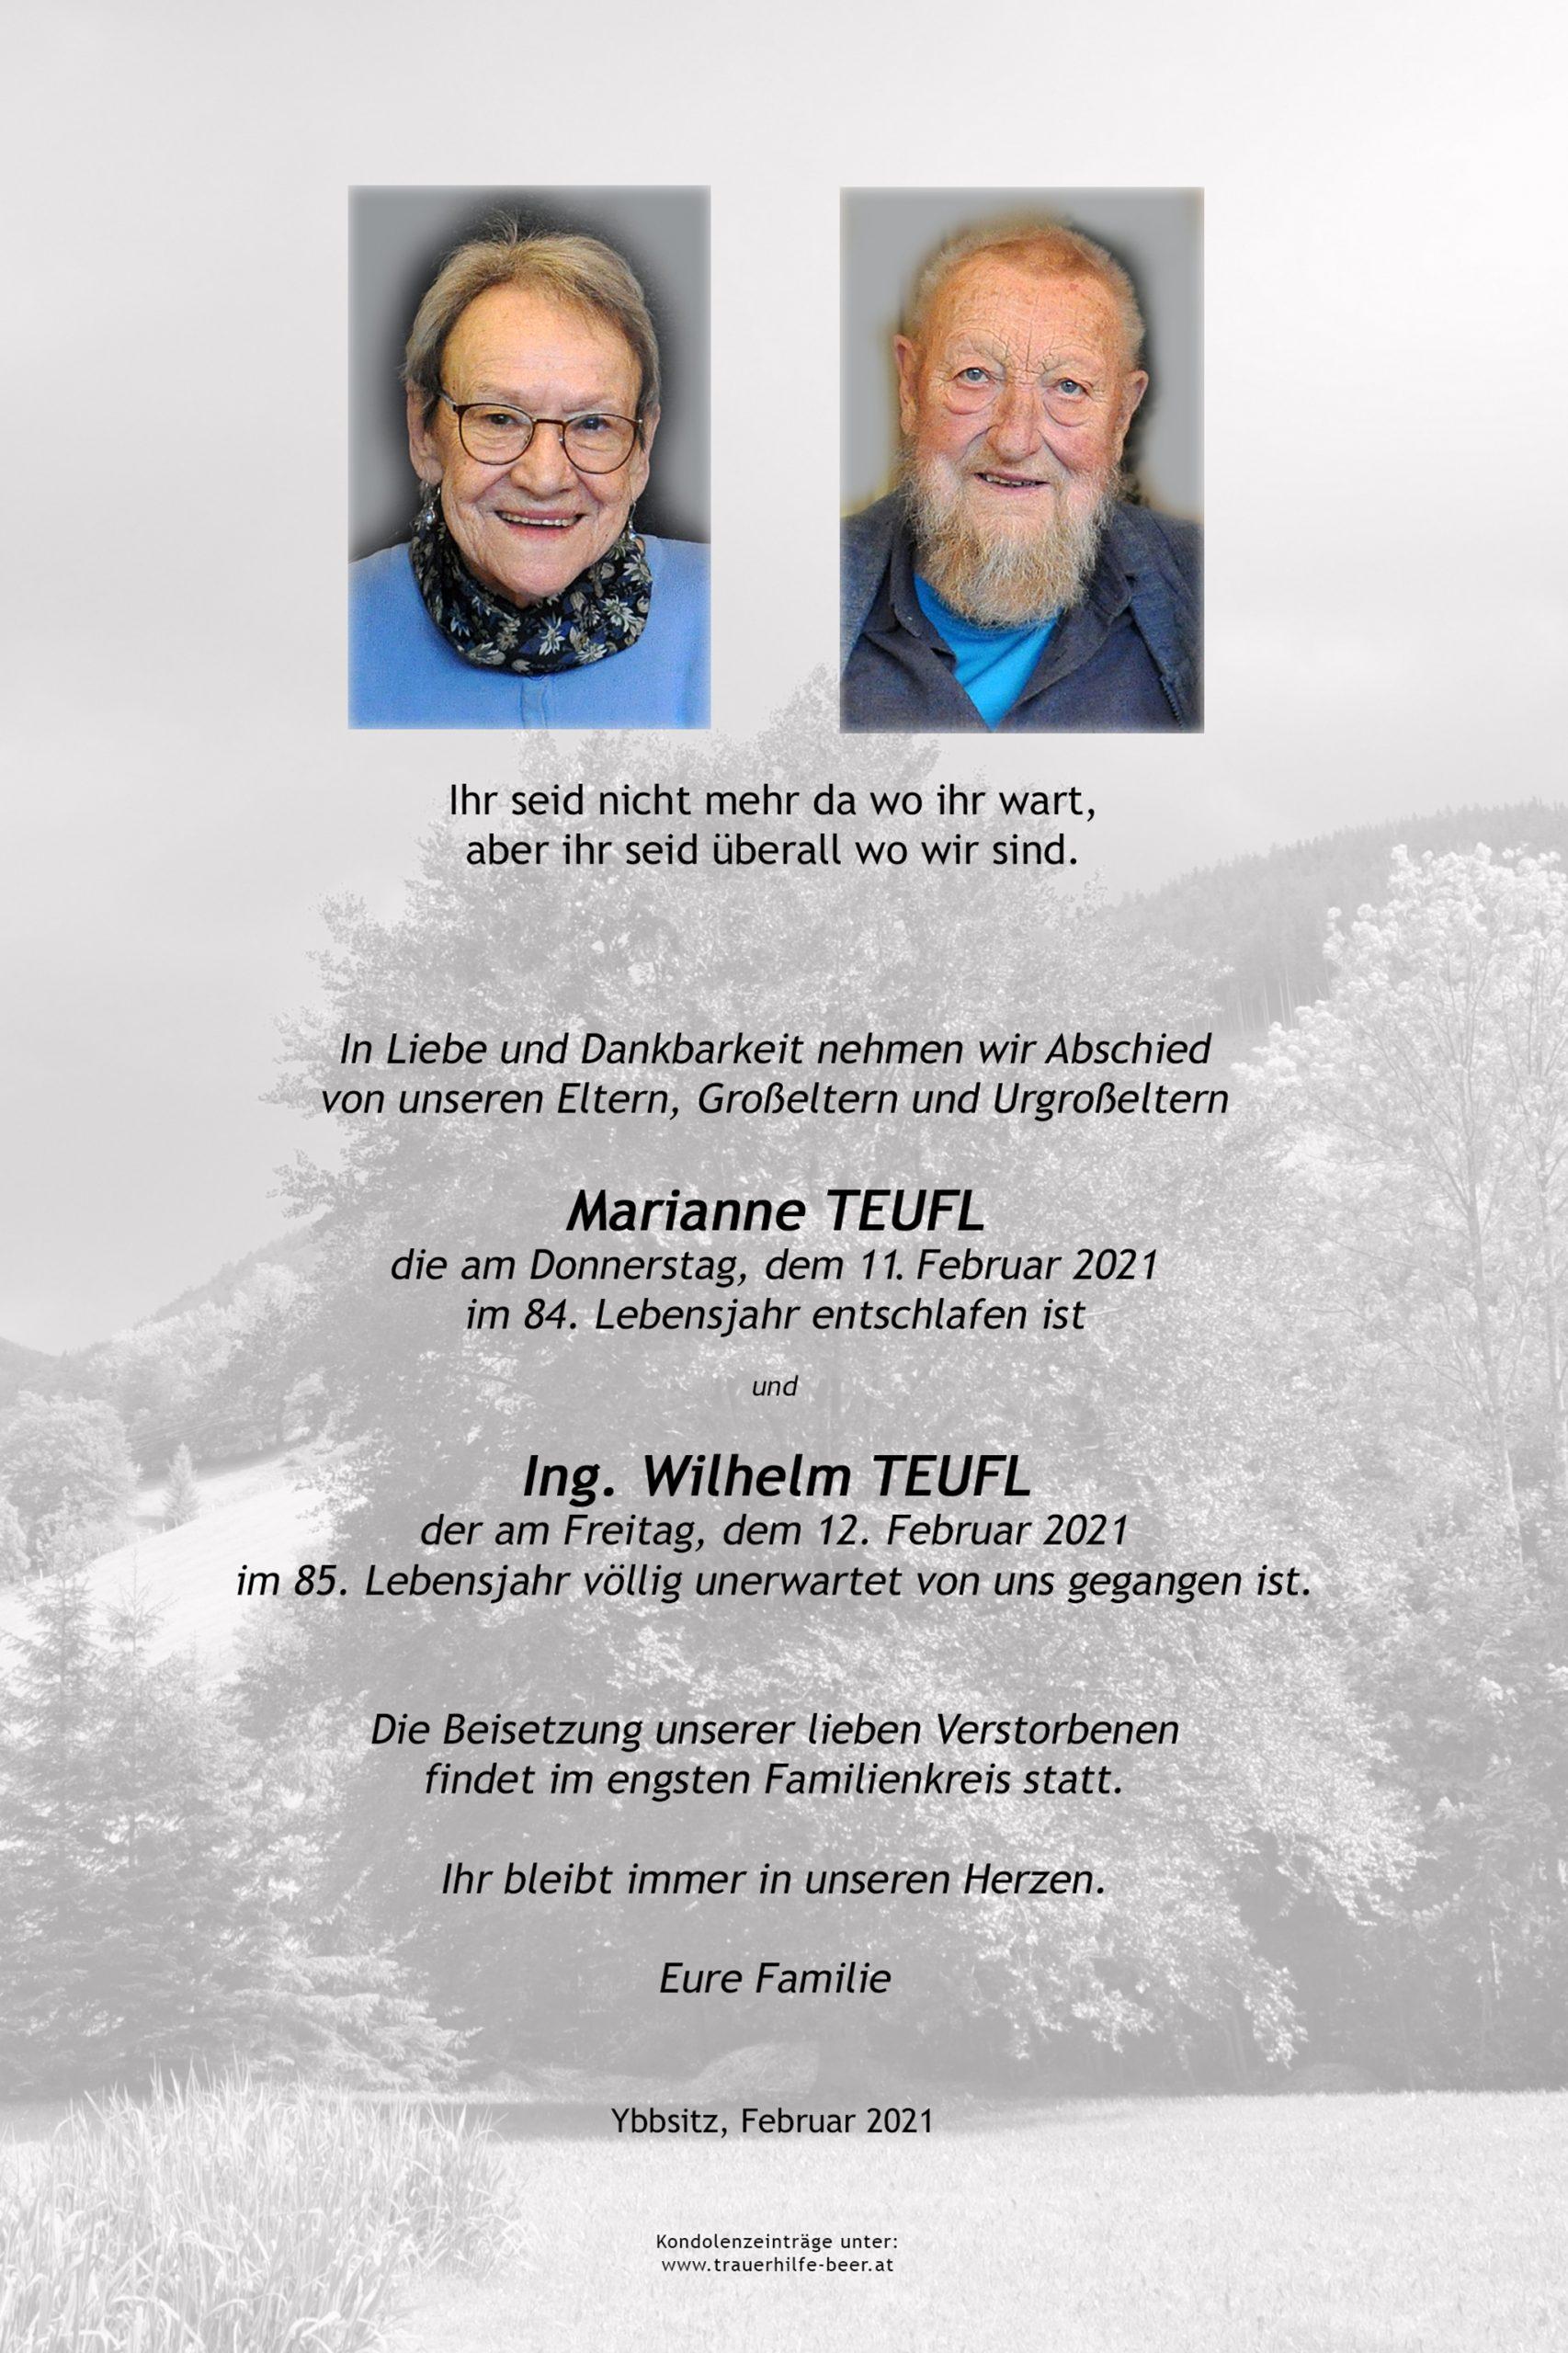 Parte Marianne und Ing. Wilhelm Teufl